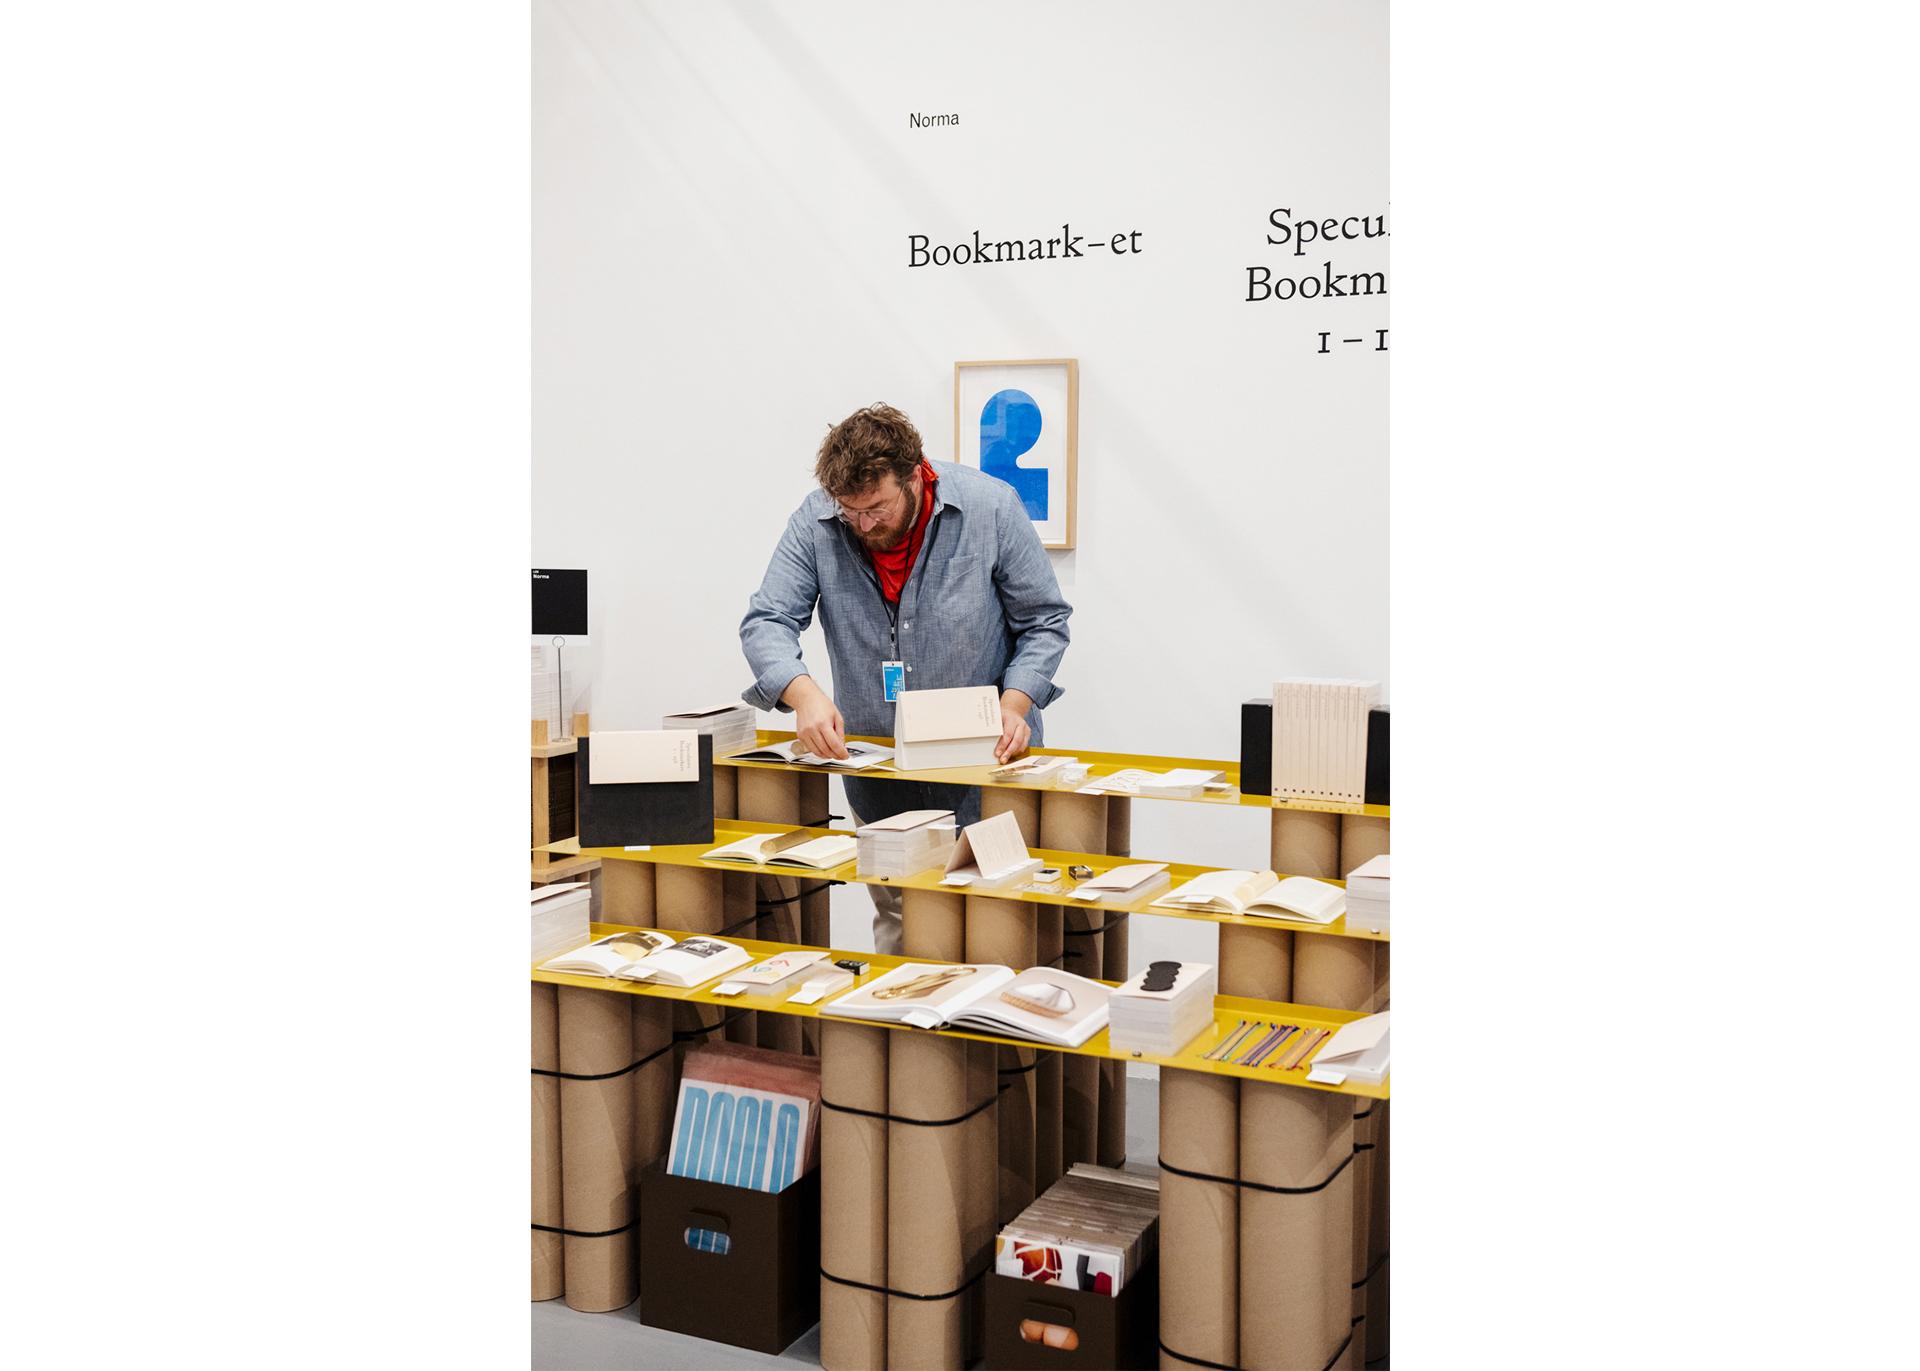 Norma-Bookmarket-17 - TRETOW.jpg